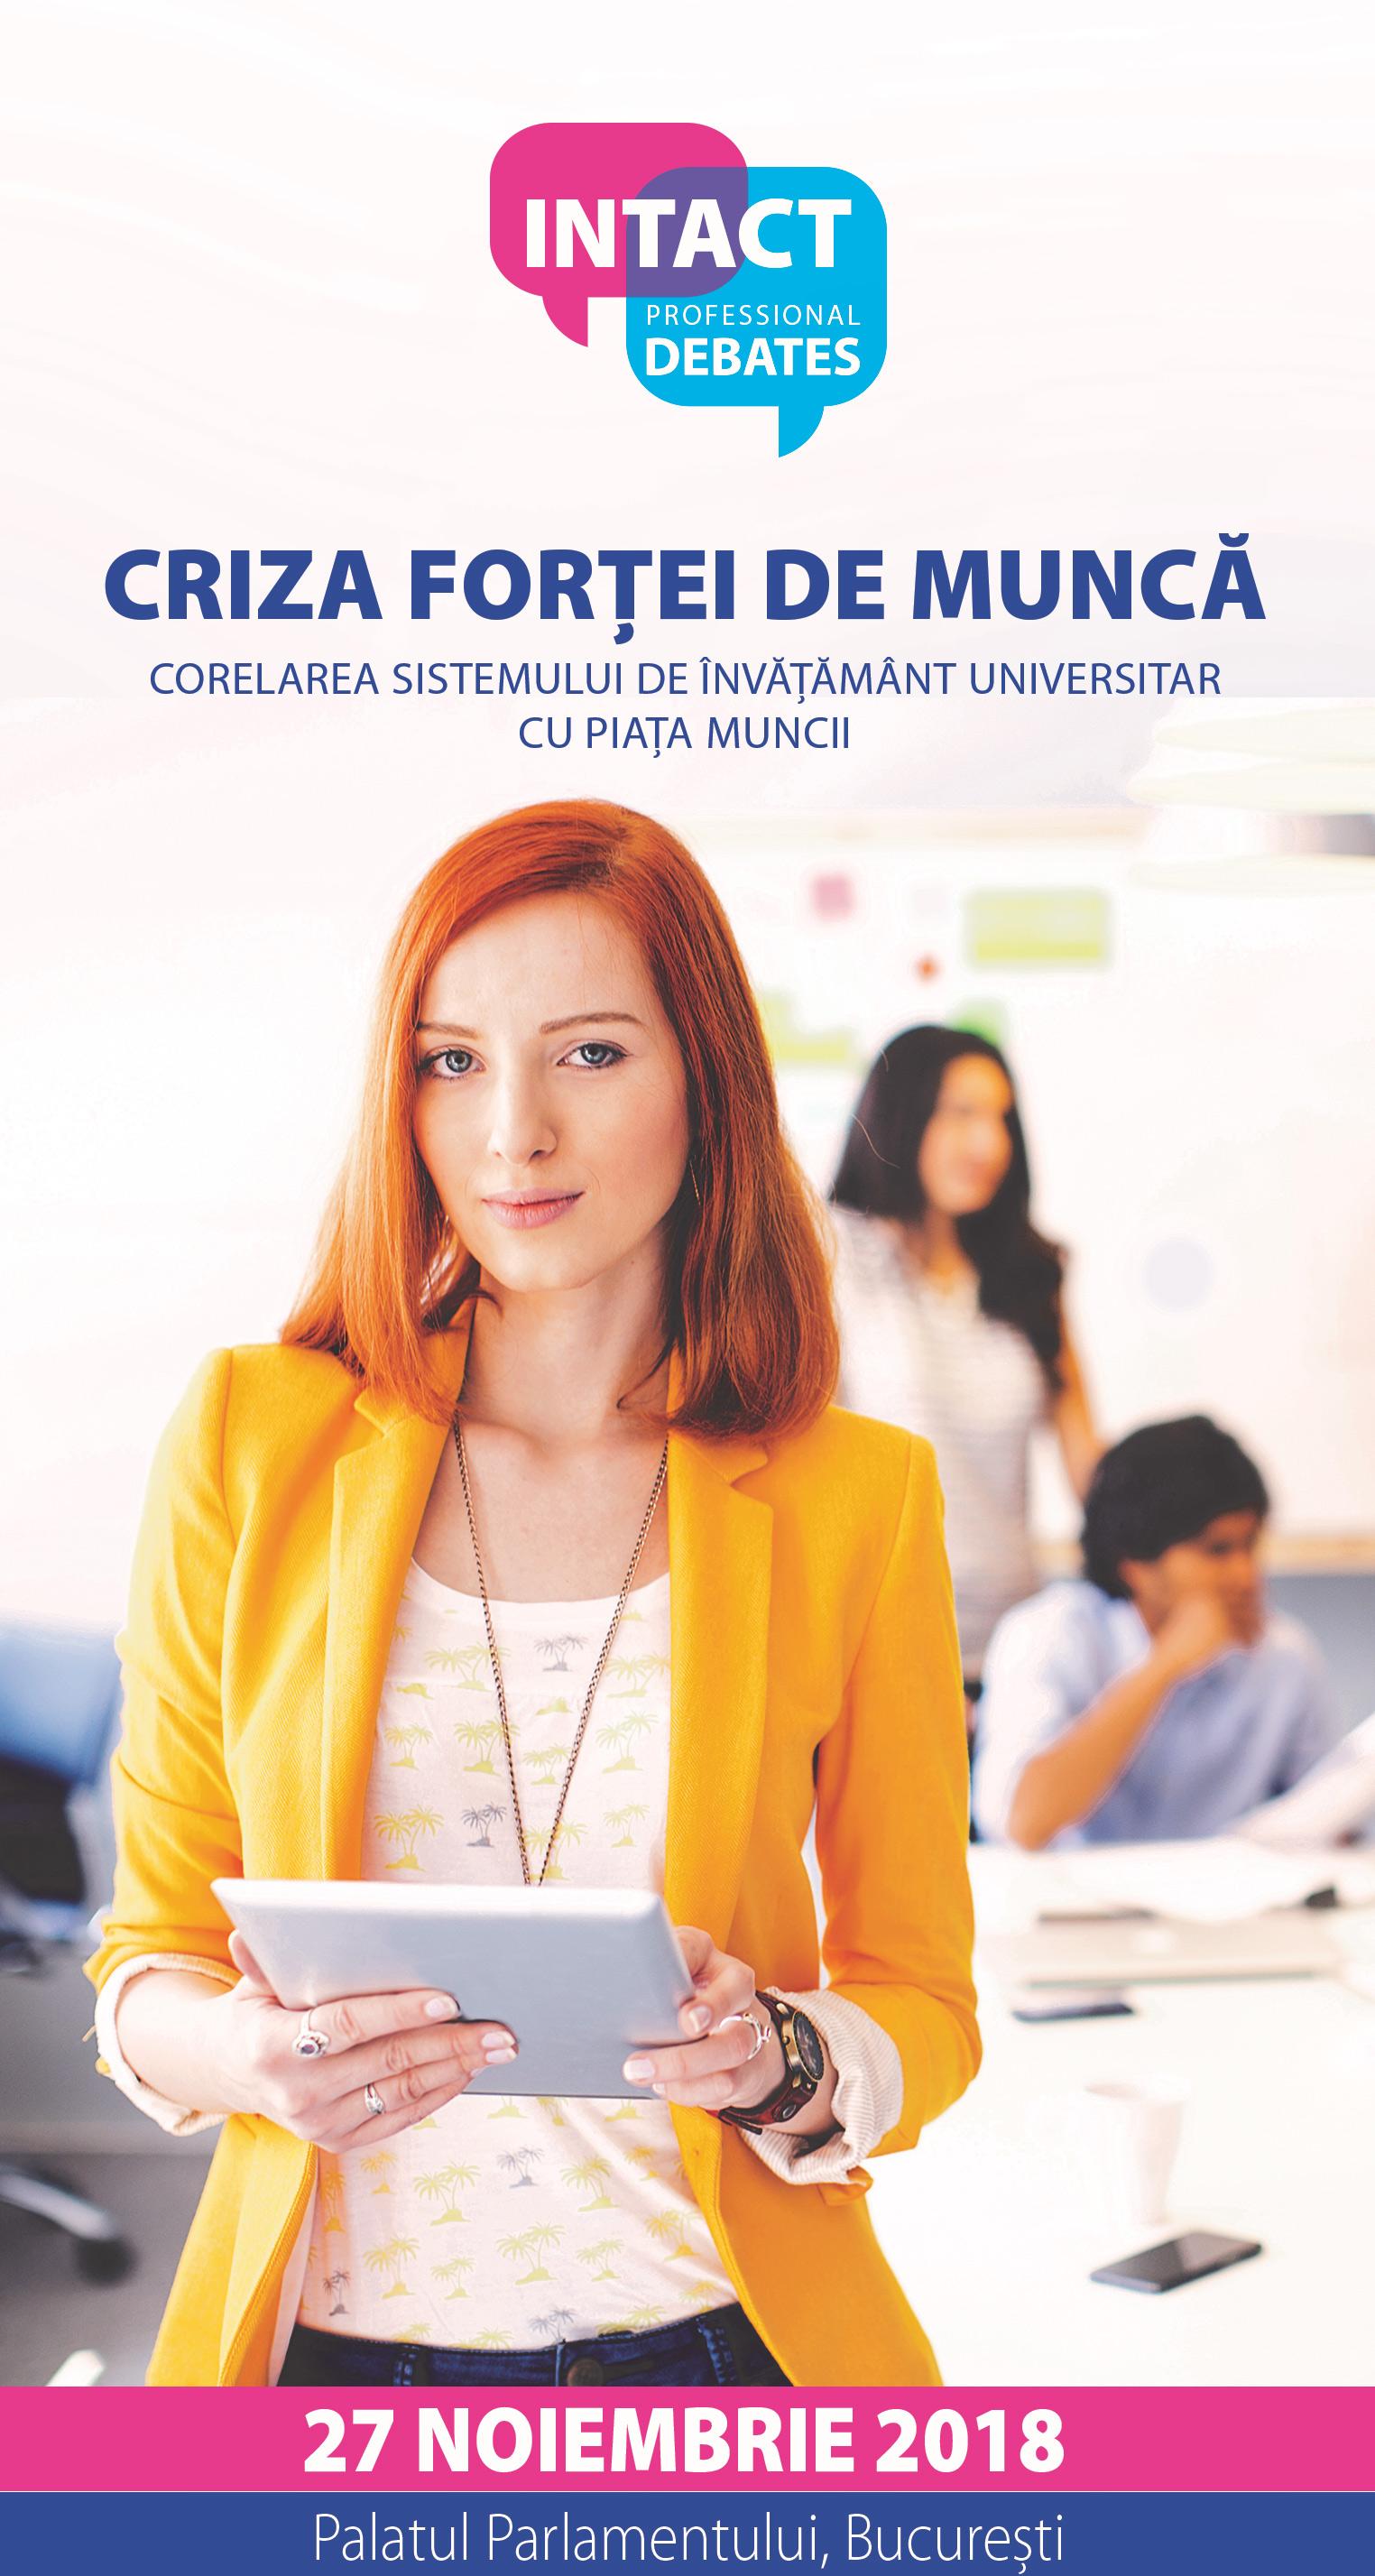 CRIZA FORȚEI DE MUNCĂ -  Corelarea sistemului de învățământ universitar cu piața muncii